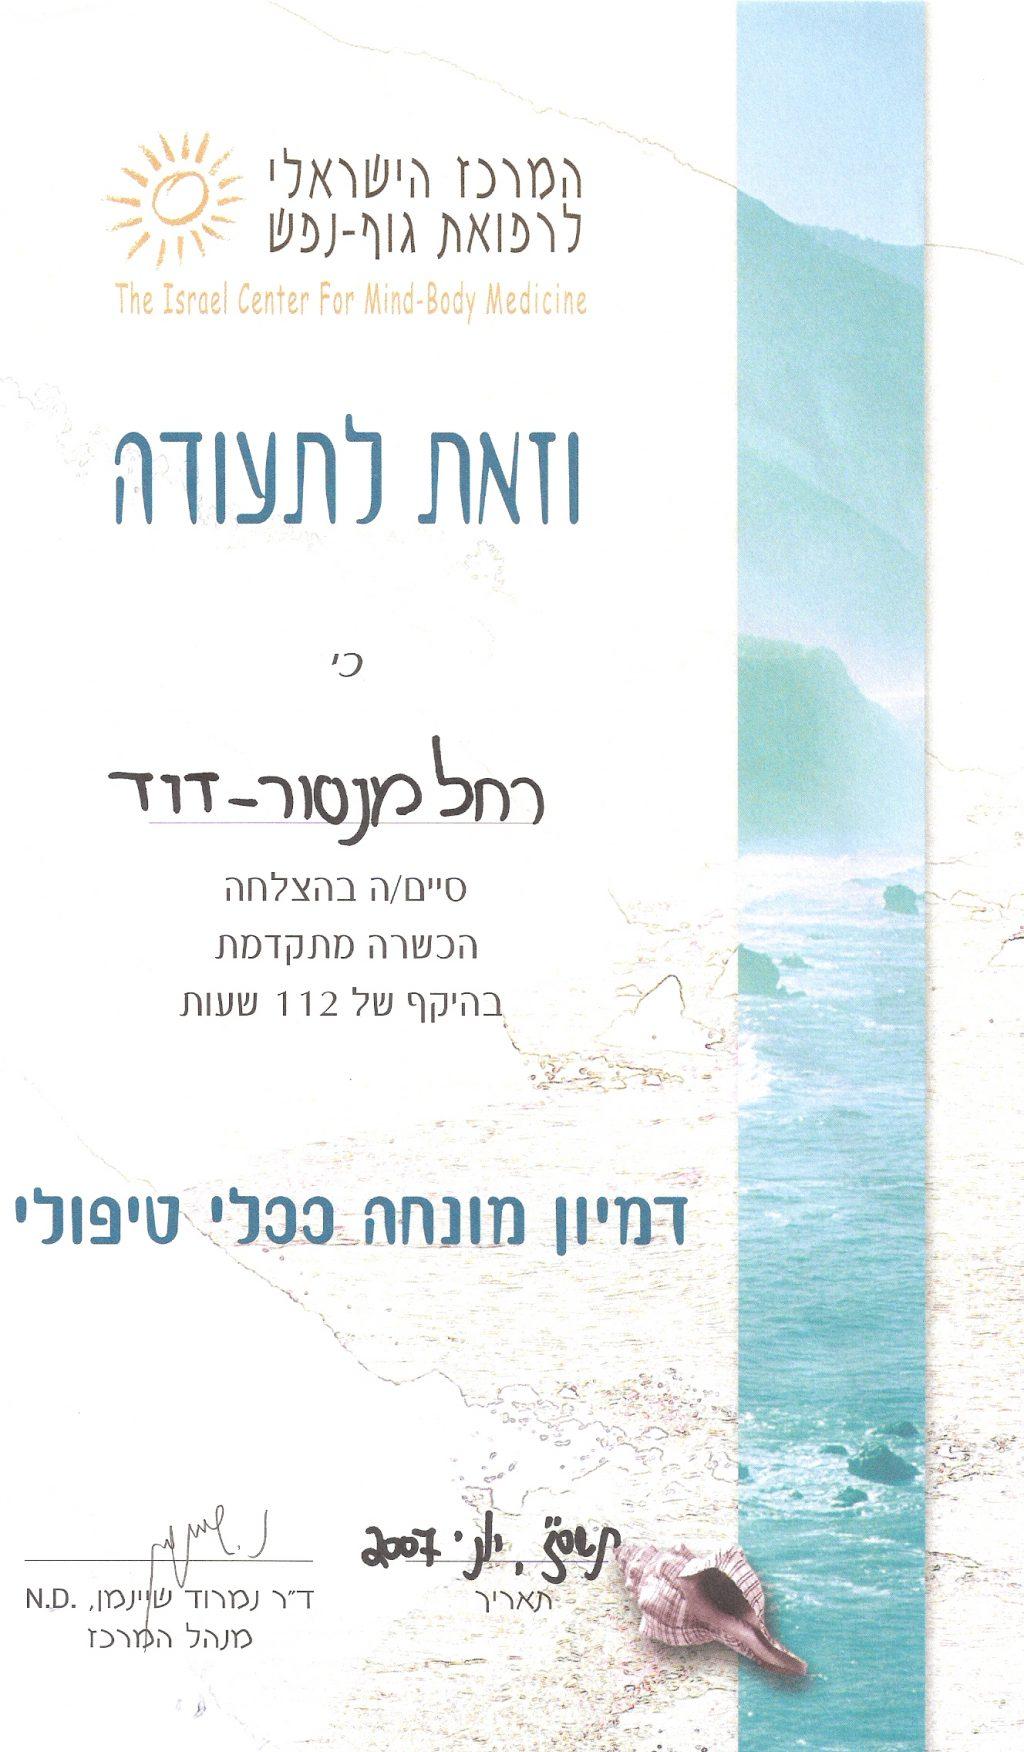 המרכז הישראלי לרפואת גוף -נפש - דמיון מונחה ככלי טיפולי.jpg